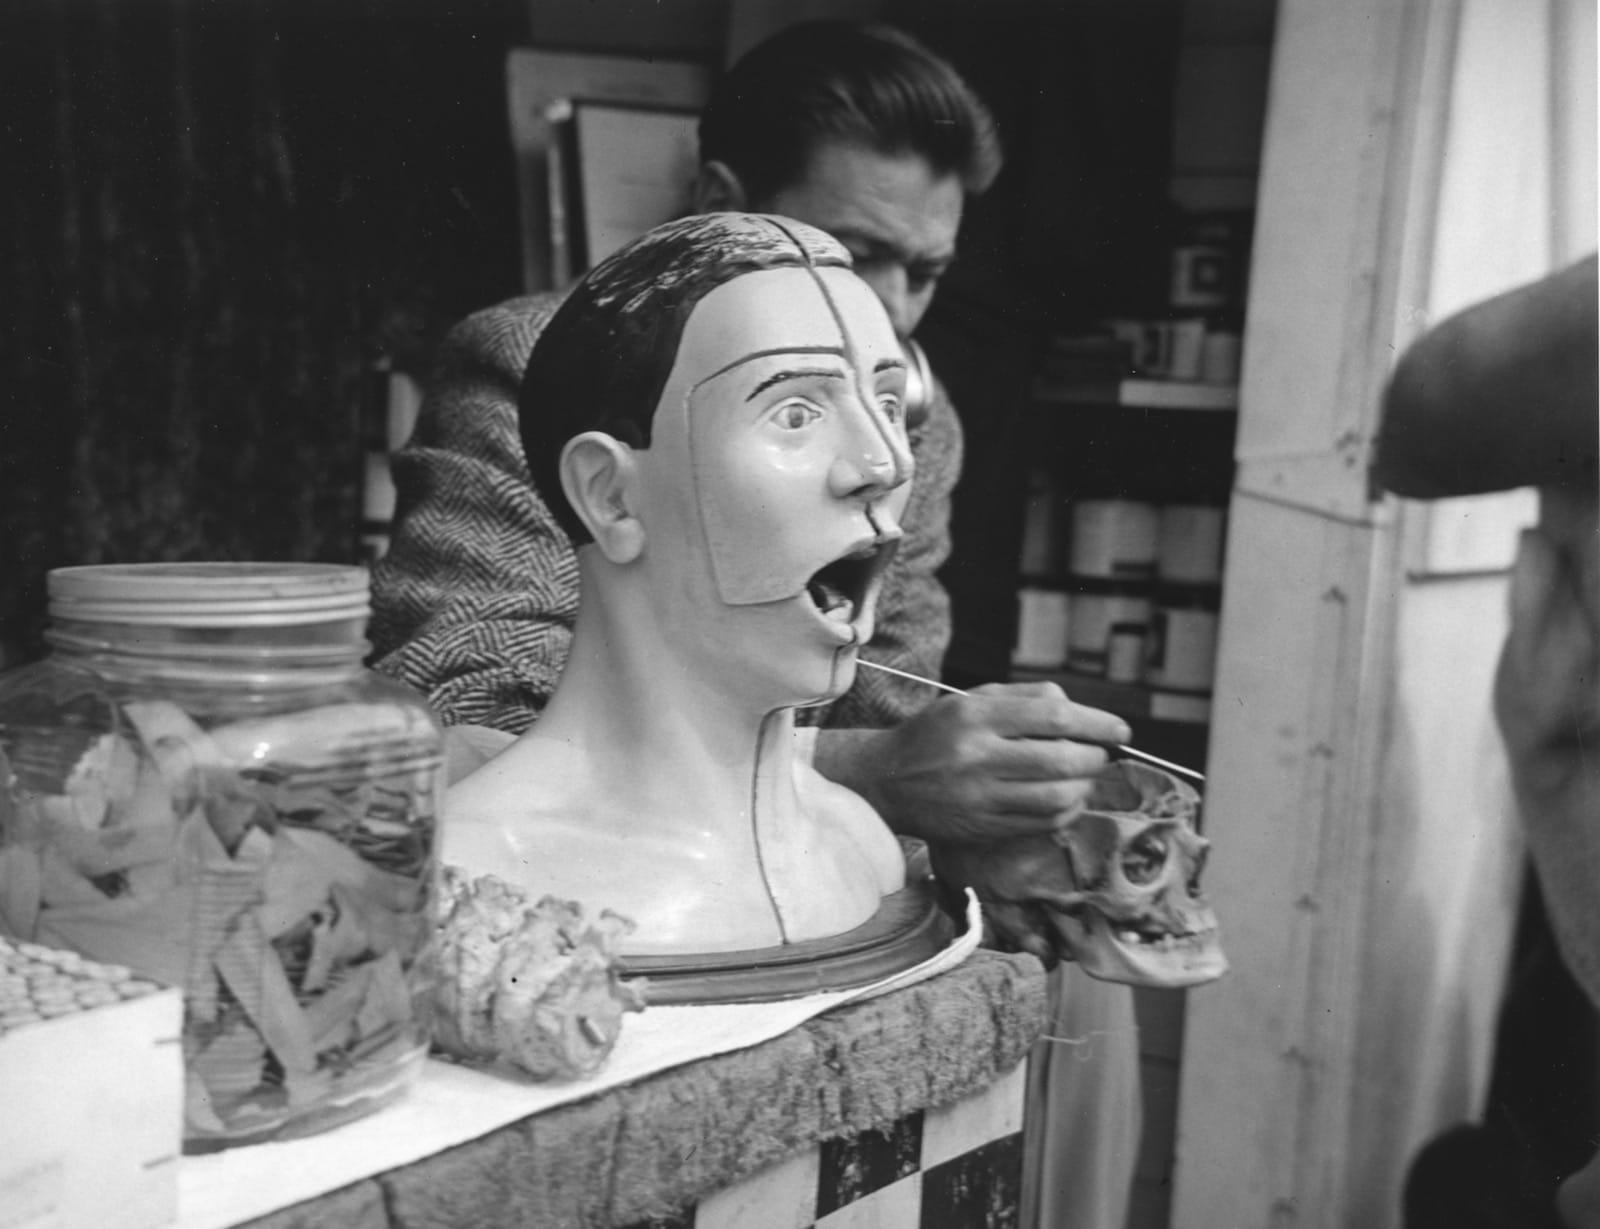 Nathan Lerner, Untitled, 1936